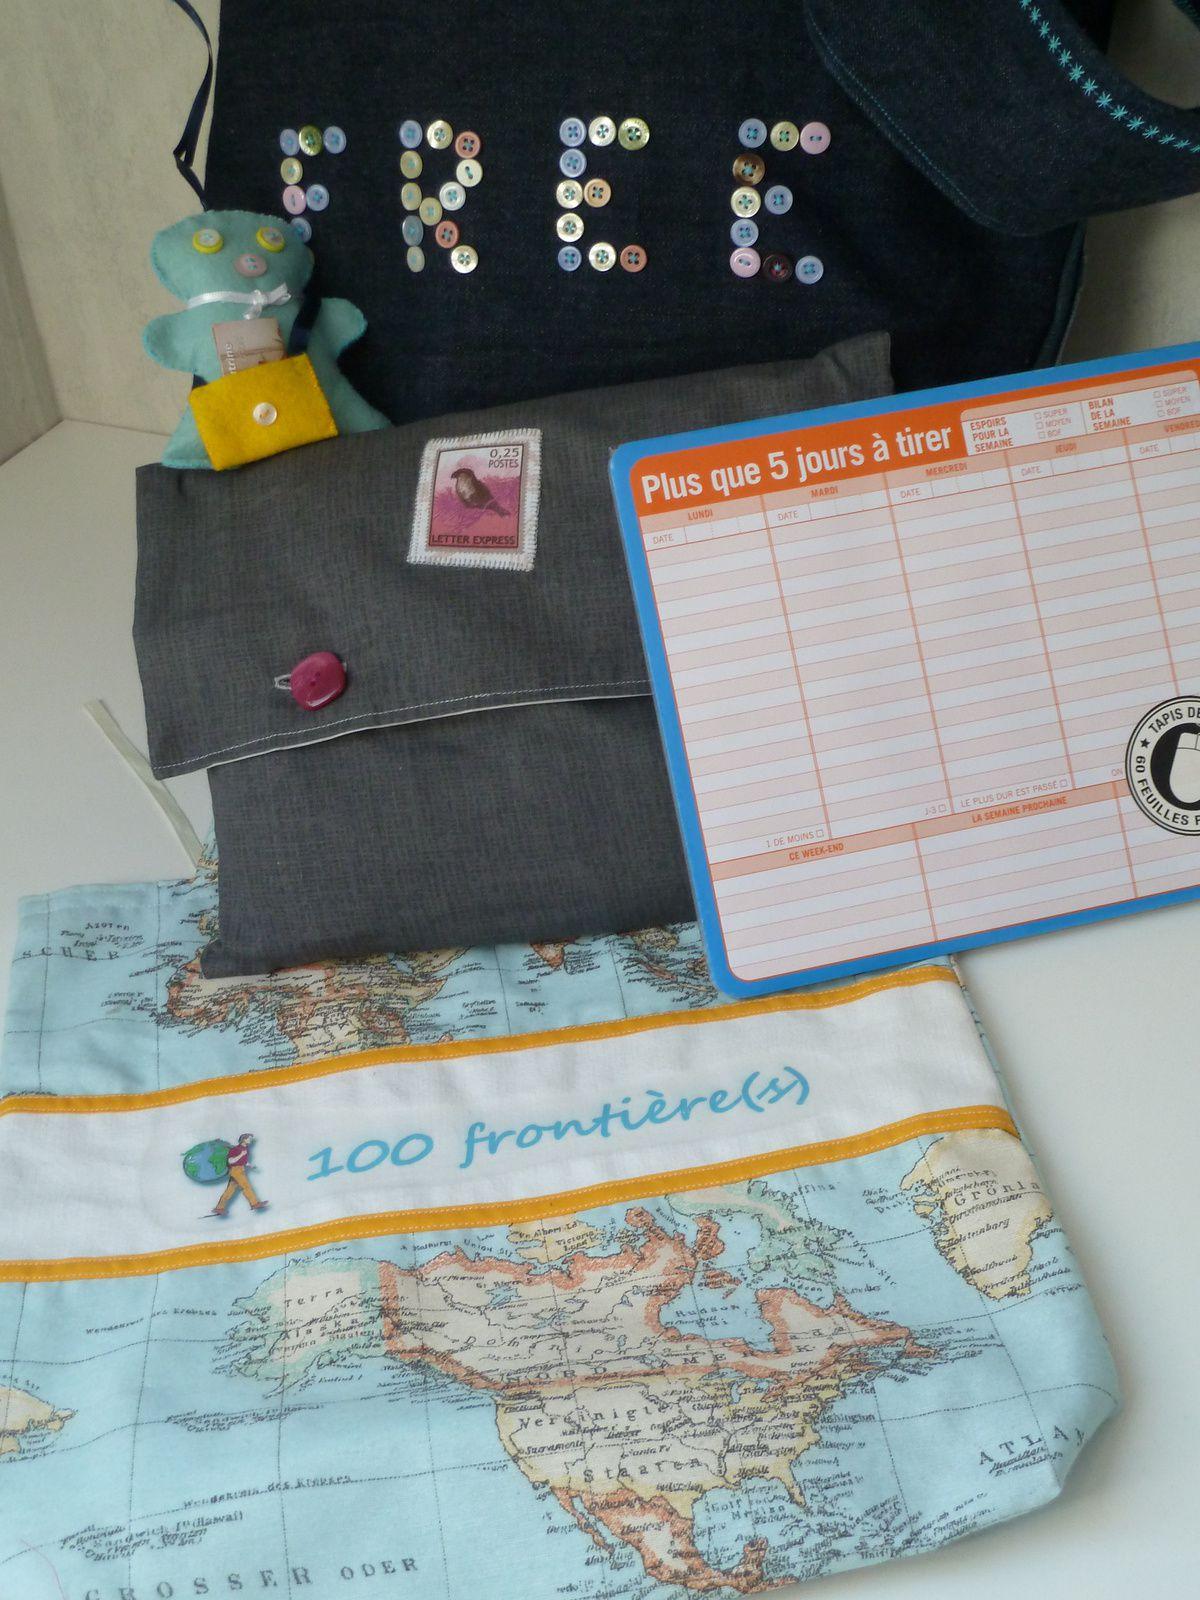 N°100 frontière(s) pour Marika..fée